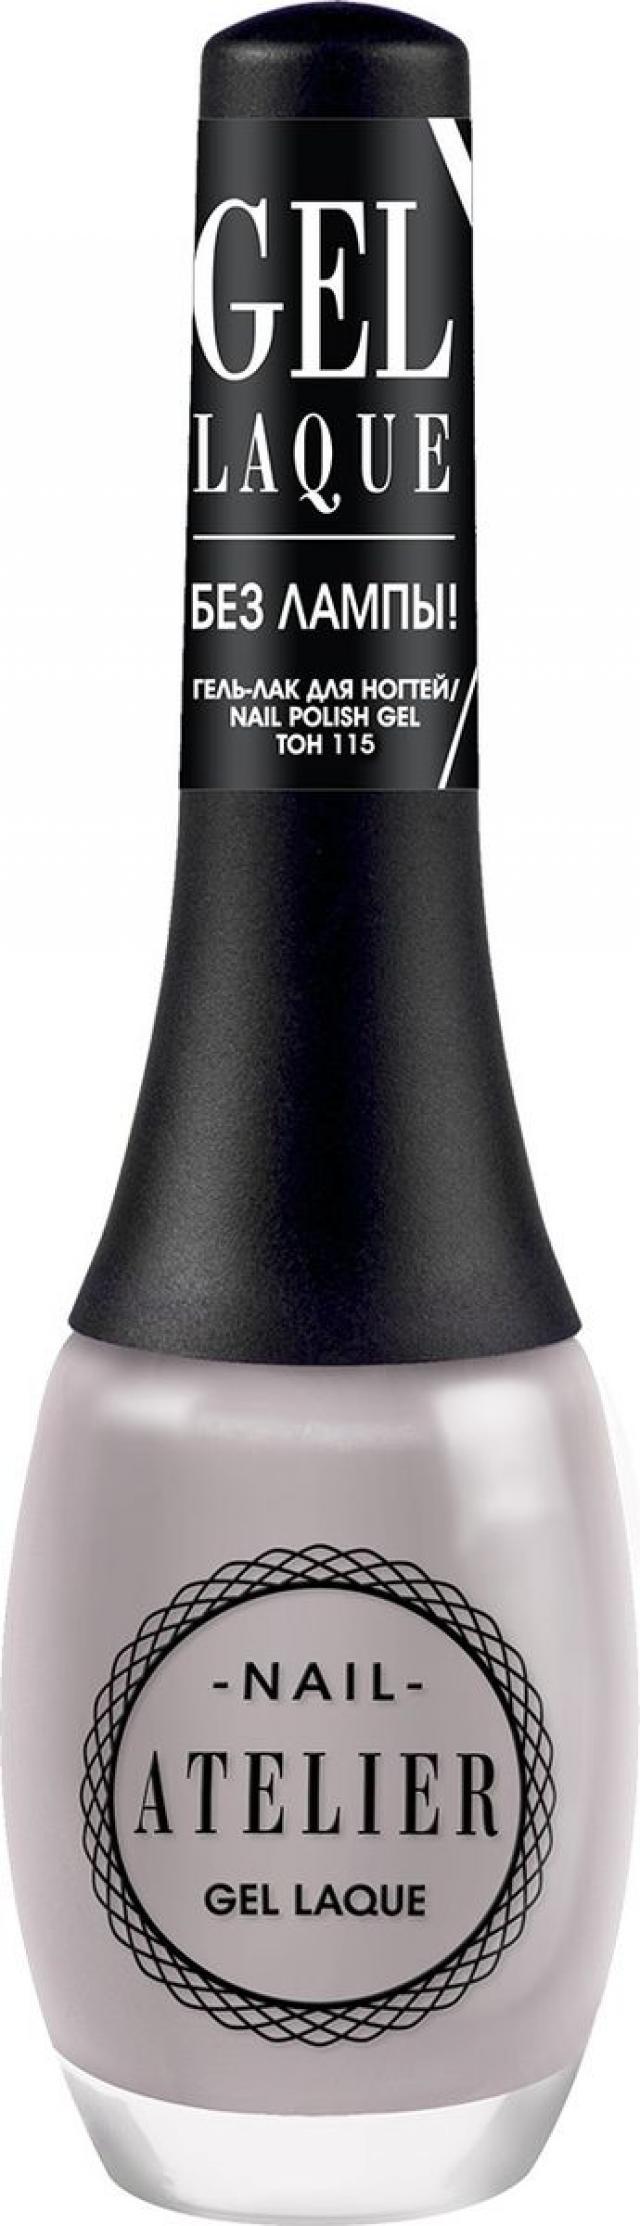 Вивьен Сабо гель-лак для ногтей т.115 купить в Москве по цене от 0 рублей